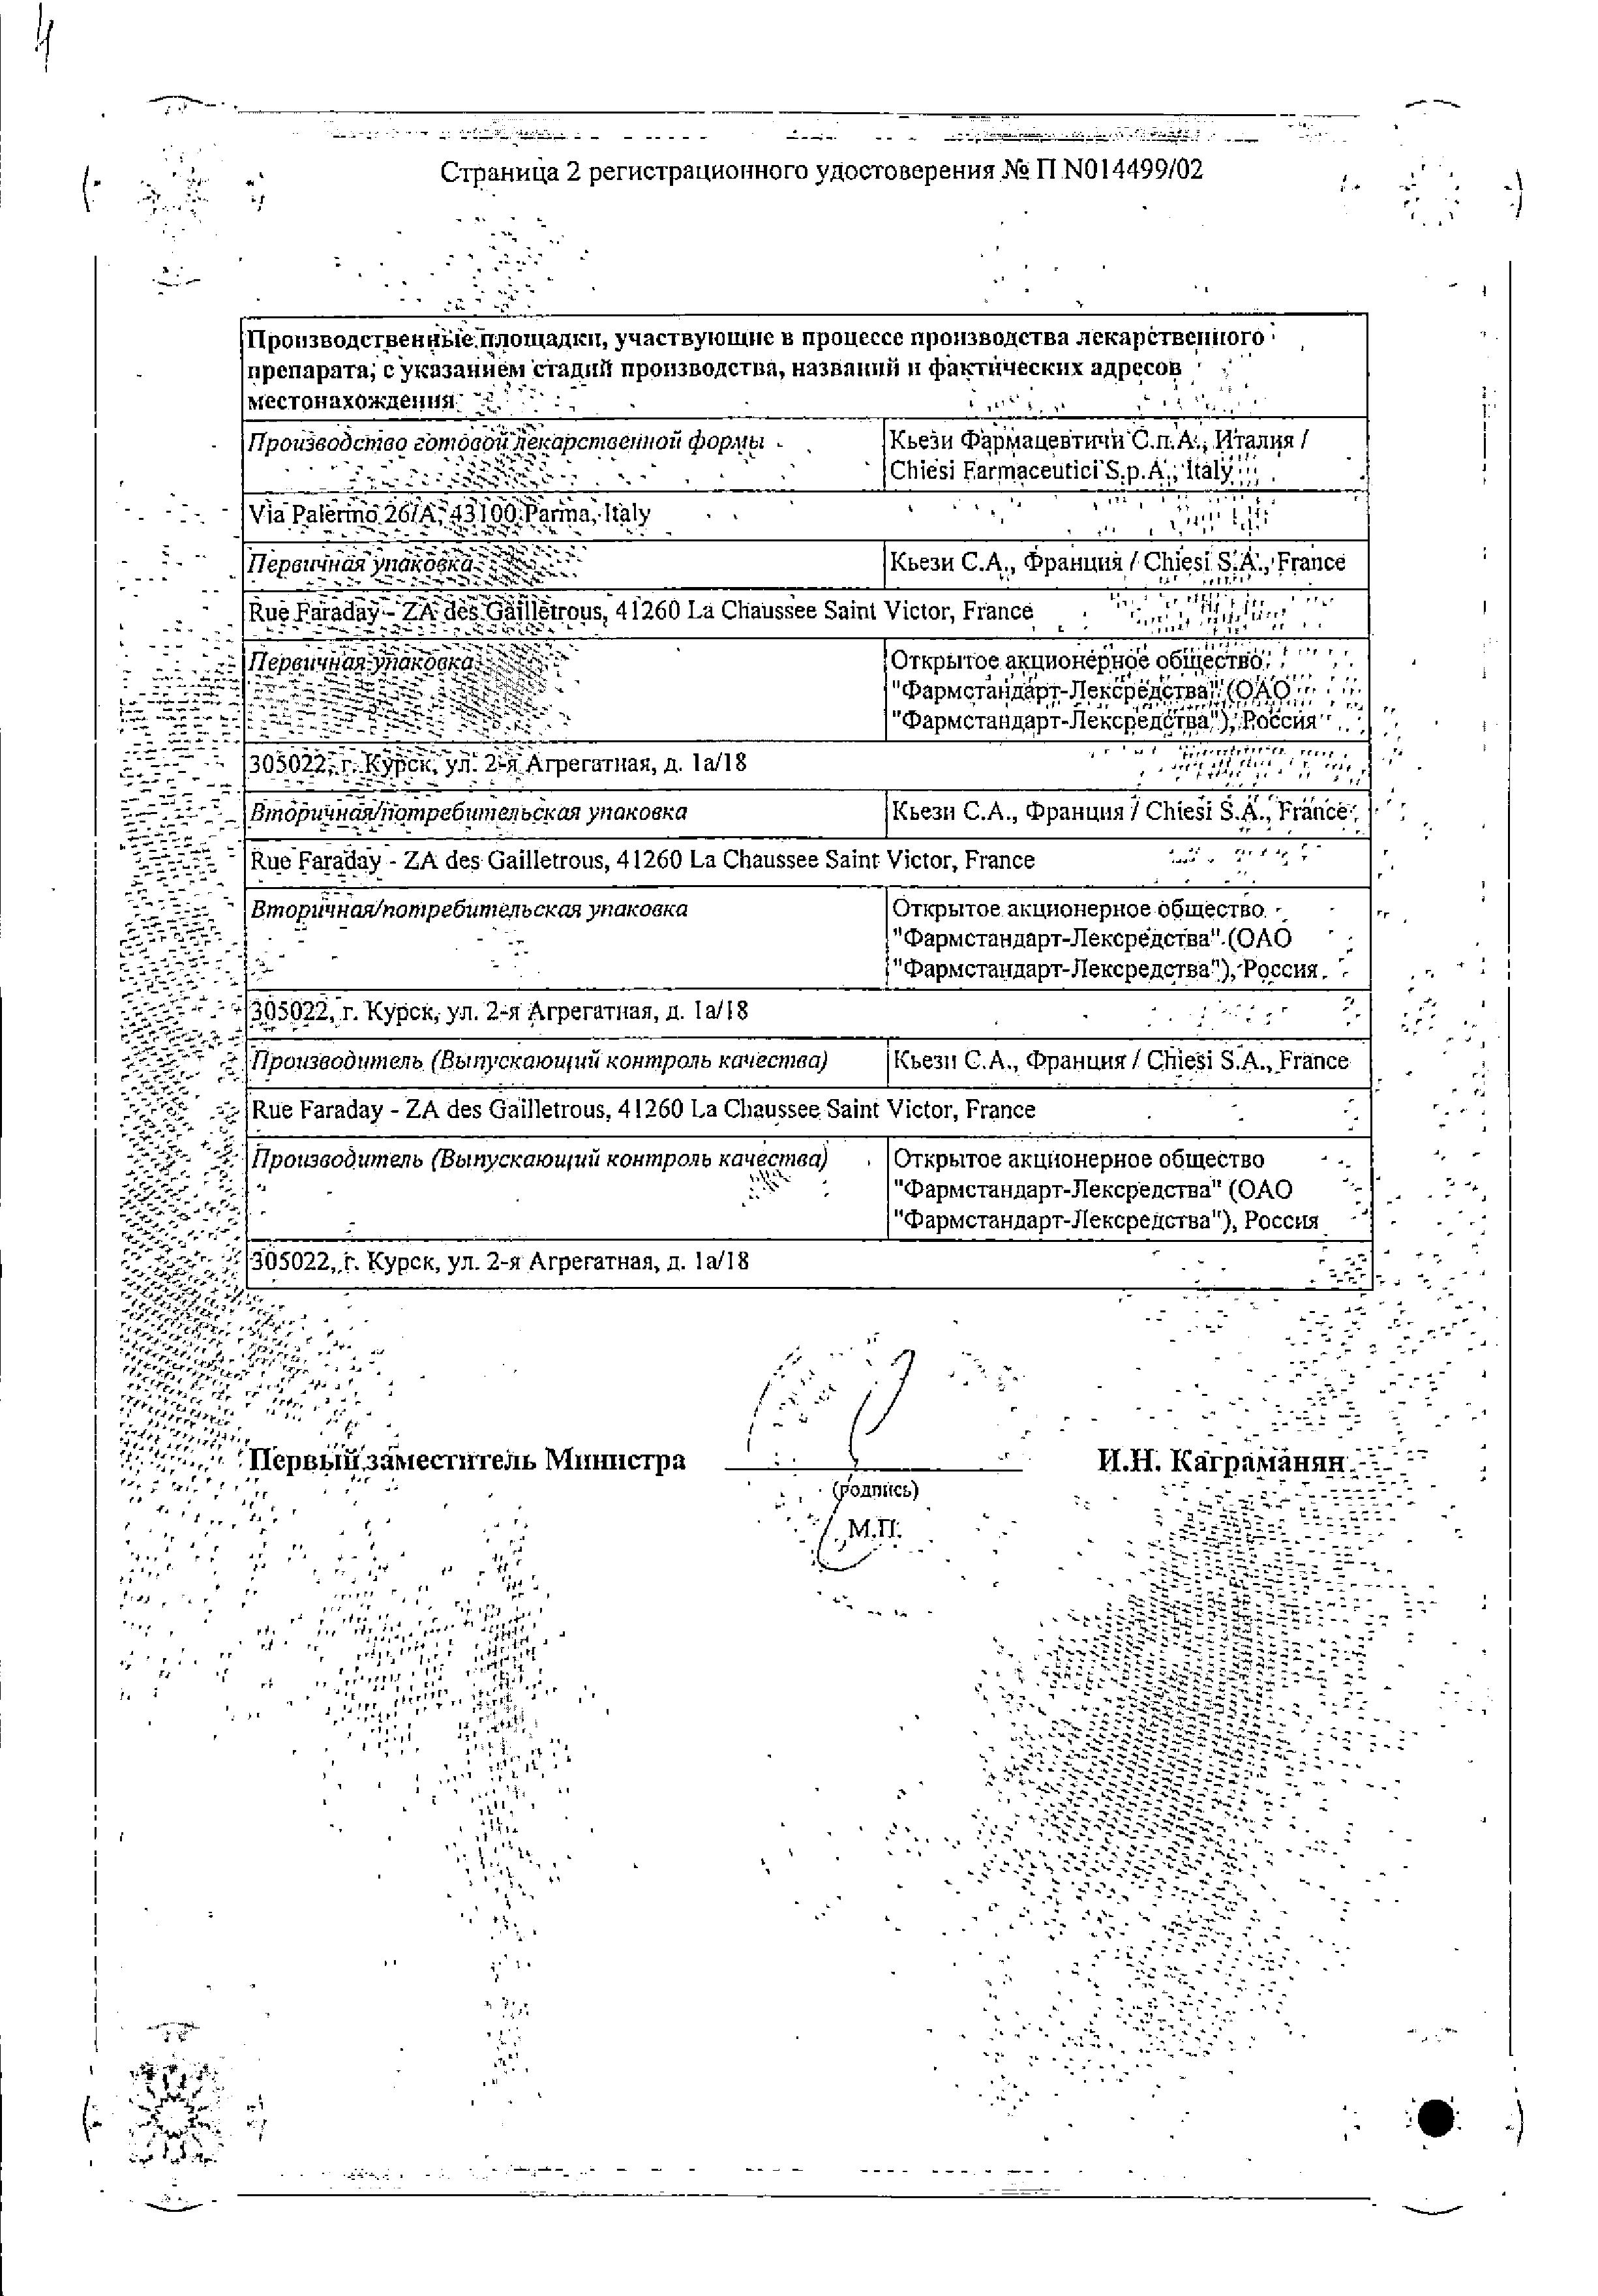 Вазобрал сертификат